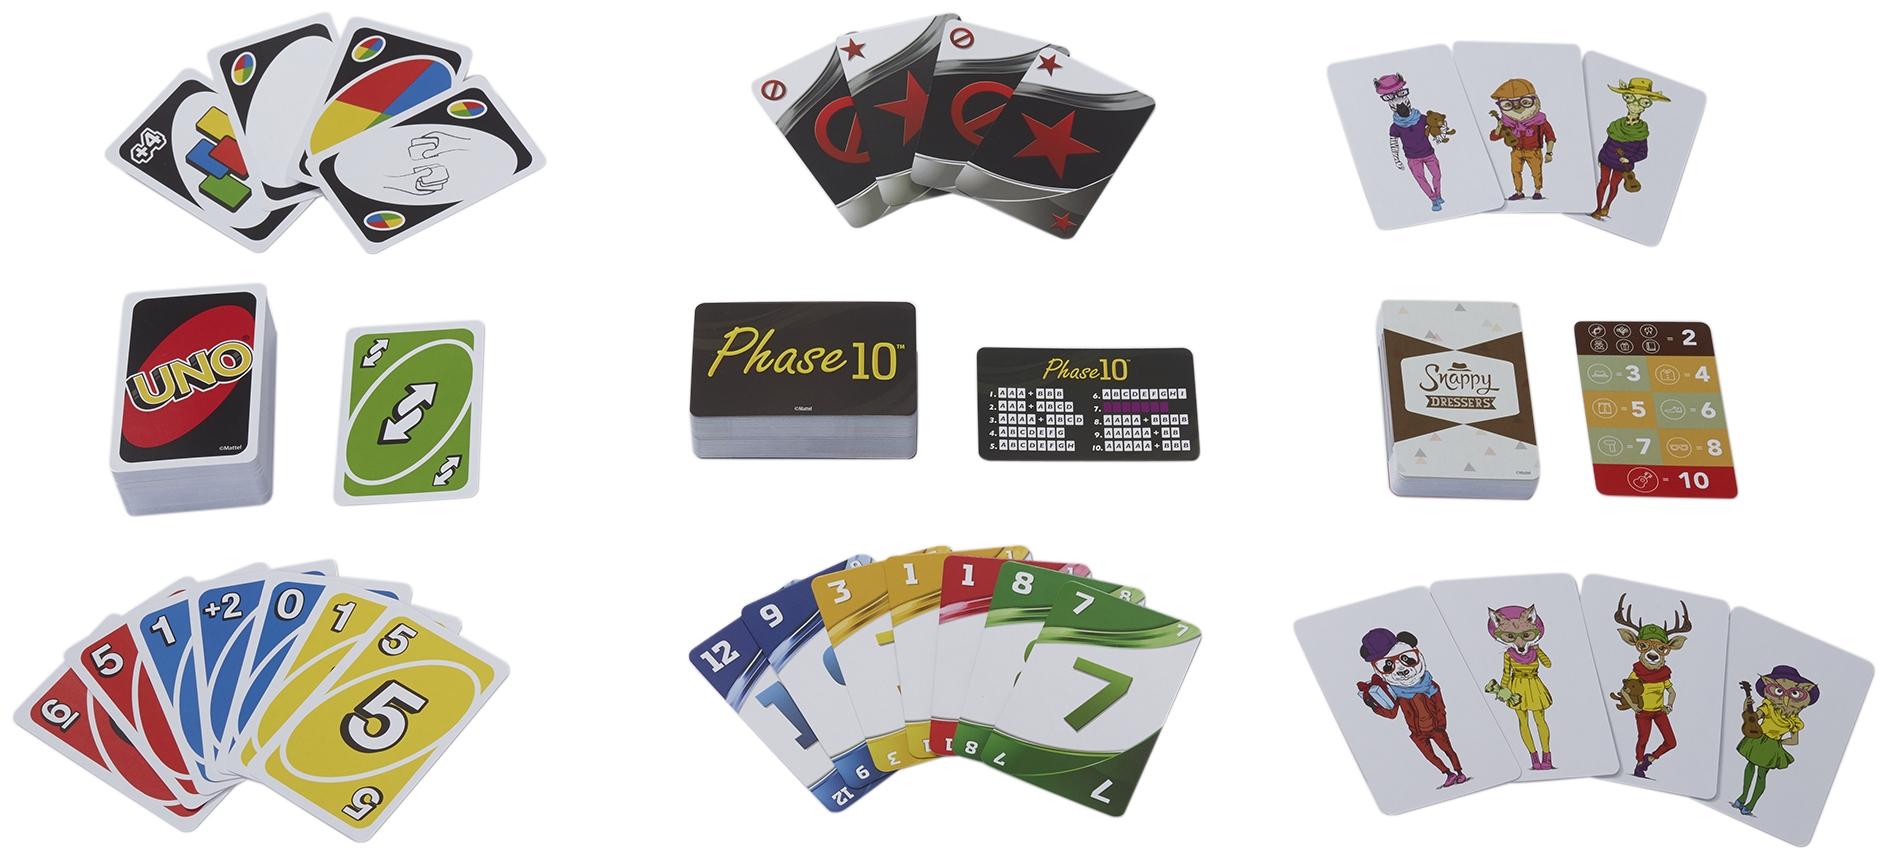 3 in 1 Metallbox: UNO, Phase10 und Snappy Dressers